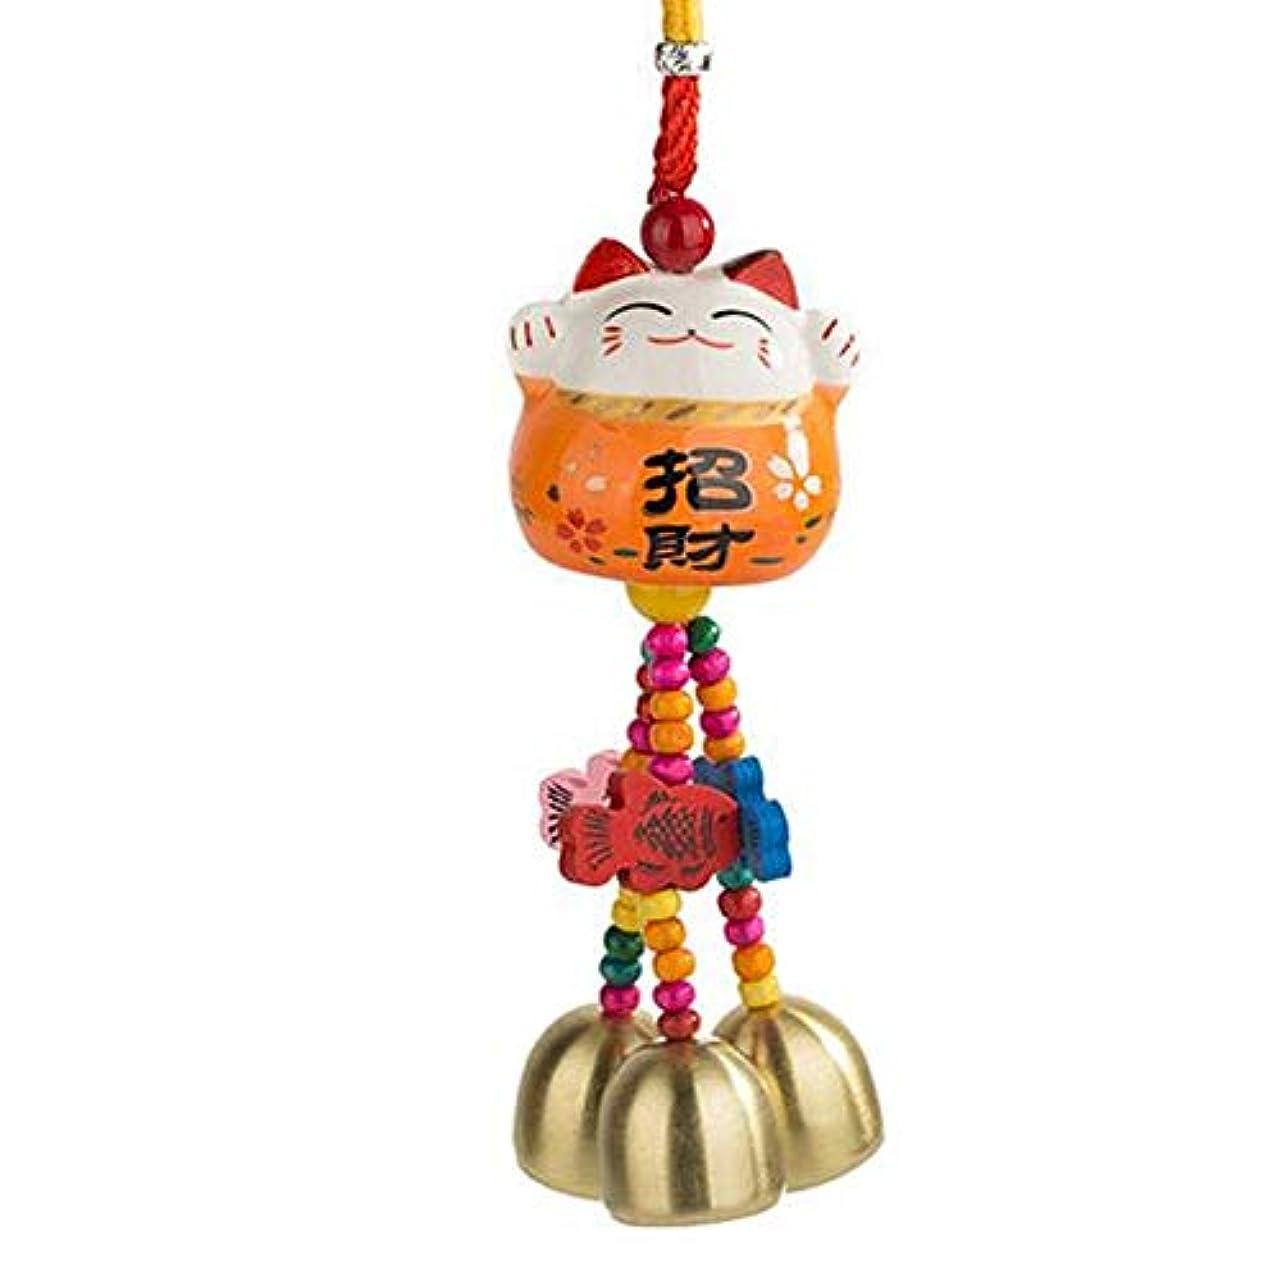 死傷者筋肉のご飯Fengshangshanghang 風チャイム、かわいいクリエイティブセラミック猫風の鐘、赤、長い28センチメートル,家の装飾 (Color : Orange)